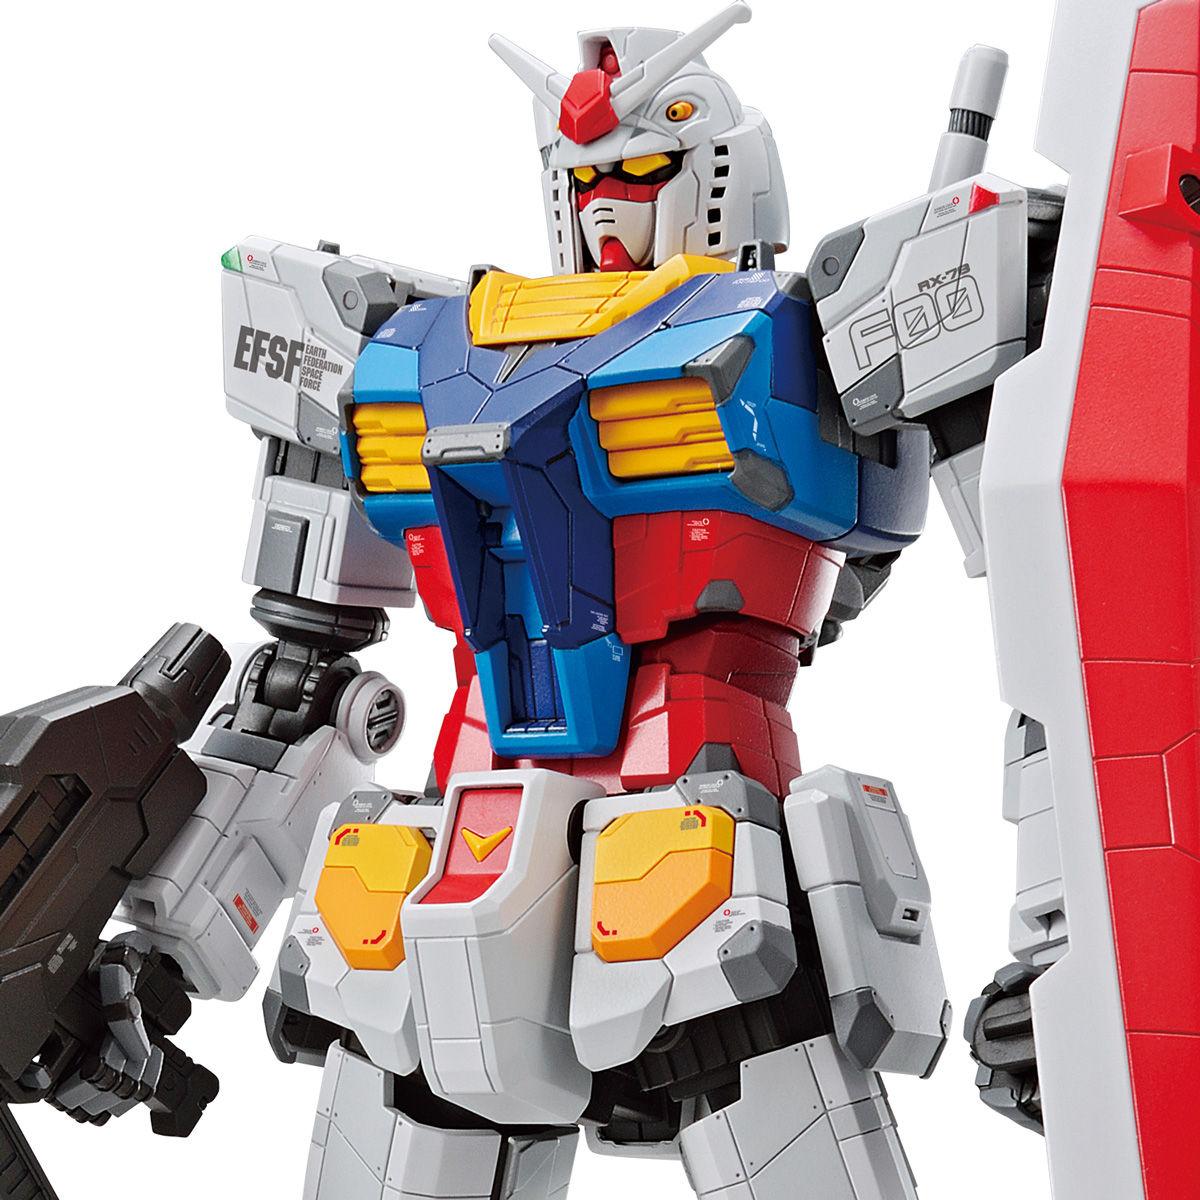 【先行販売】GUNDAM FACTORY YOKOHAMA『RX-78F00 ガンダム』1/100 プラモデル-001